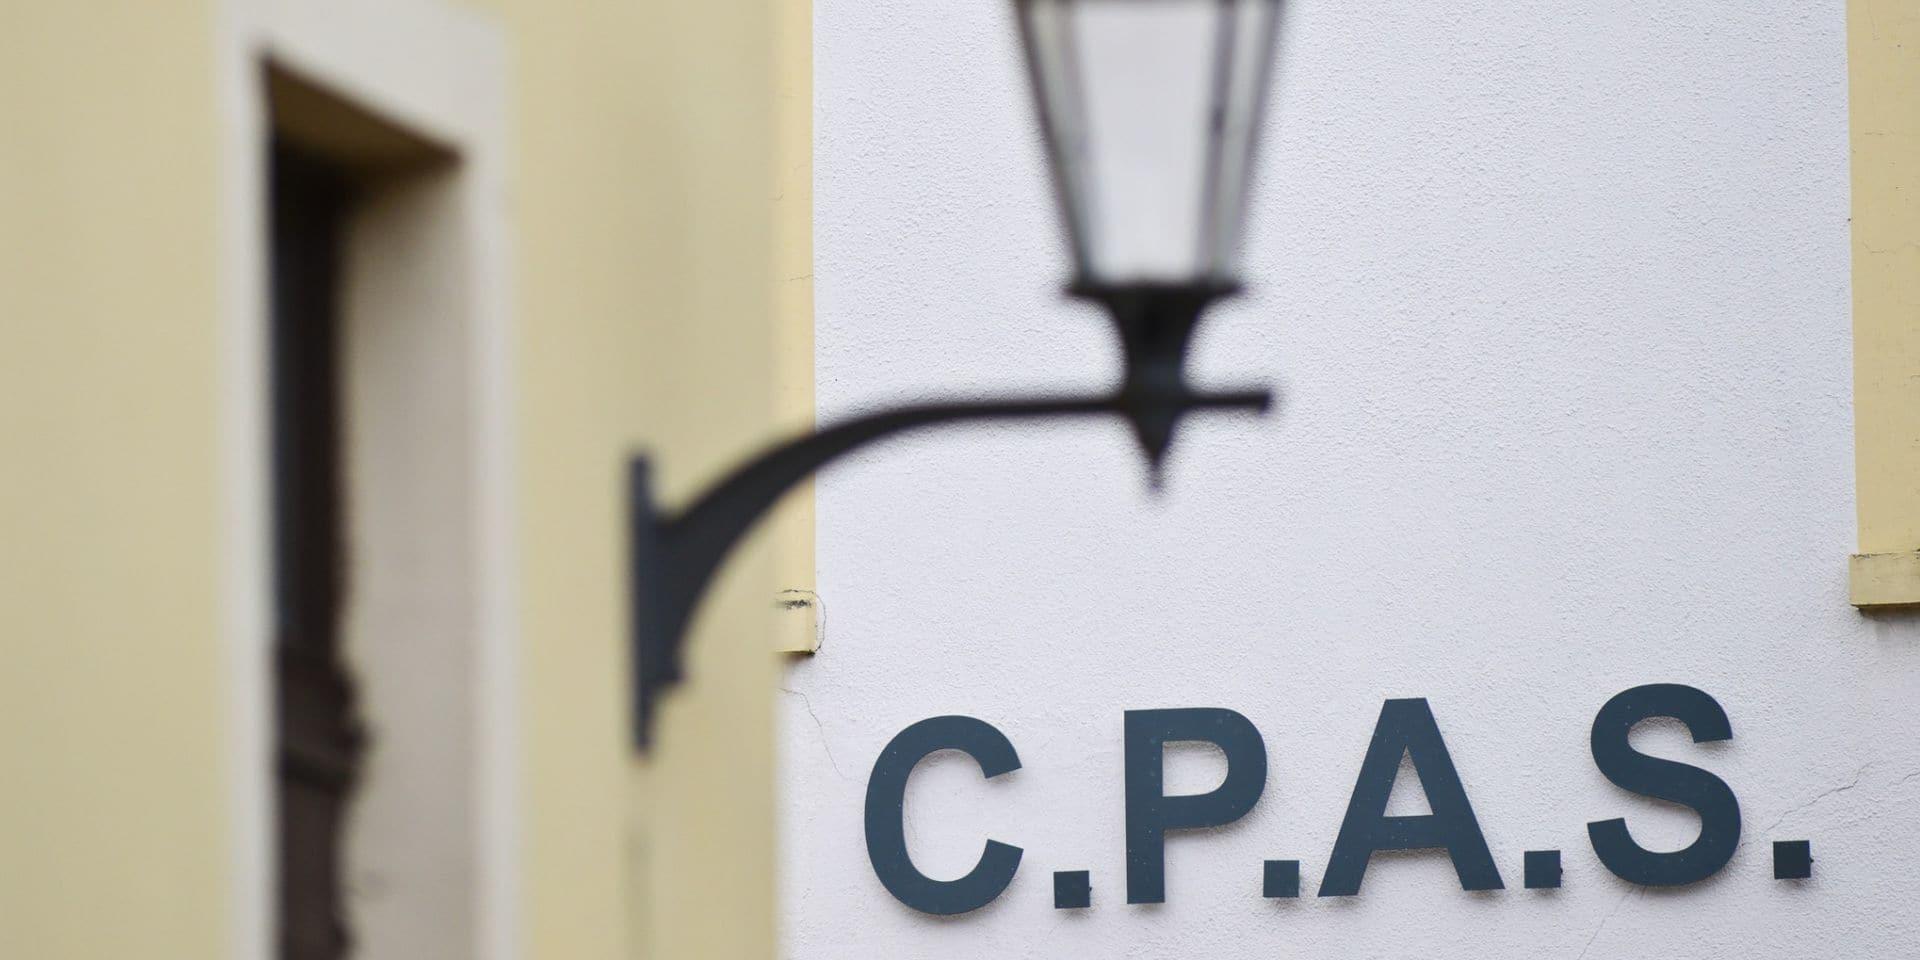 """""""Ici, on ne fait pas d'adresse de référence"""": quand les CPAS laissent tomber les citoyens sans abri provisoirement"""